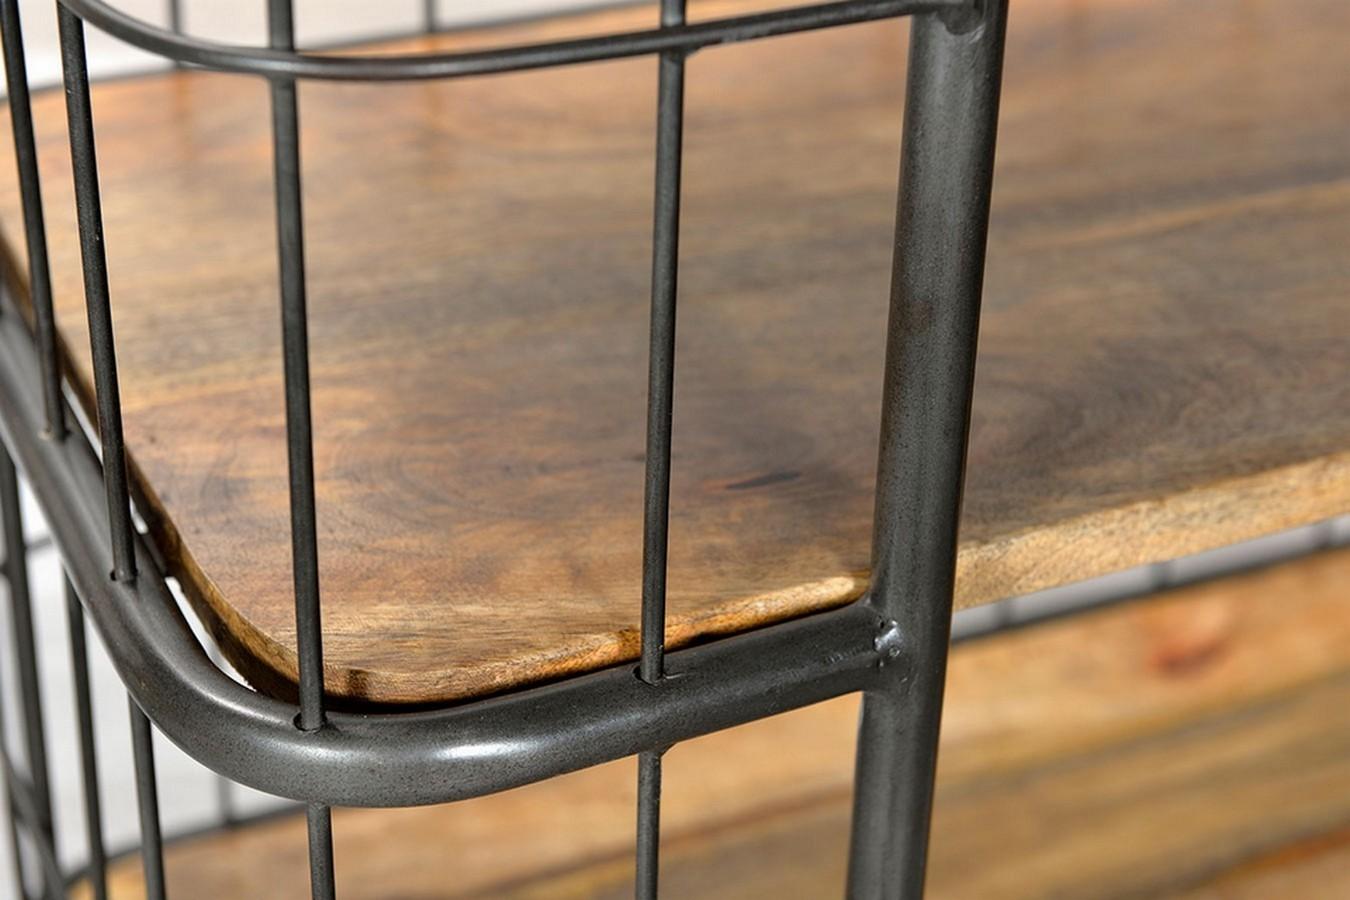 Full Size of Industrie Regal Selber Bauen Aldi Industrieregal Gebraucht Kleinanzeigen Metall Holz Schwarz Ikea Industriedesign Regale Wohnzimmer Design Regalsysteme Regal Industrie Regal